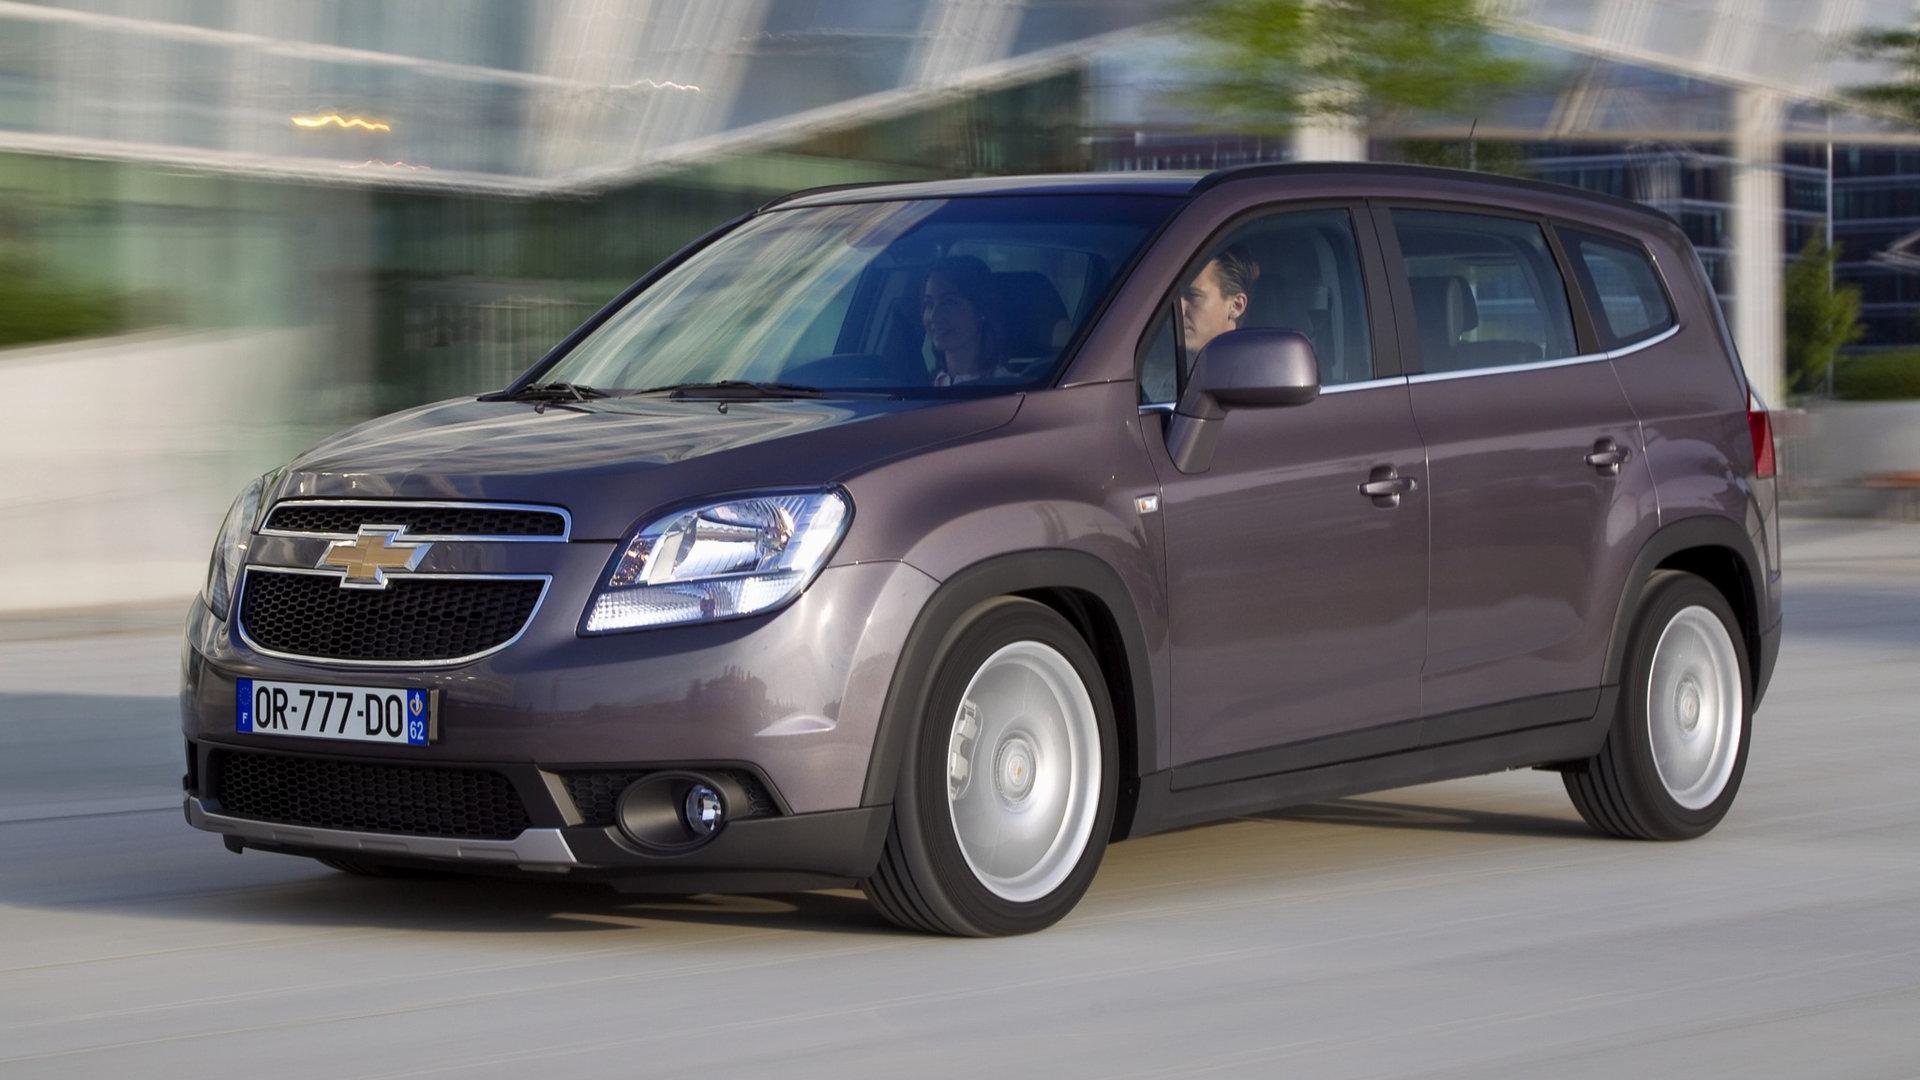 Coche del día: Chevrolet Orlando (J309)